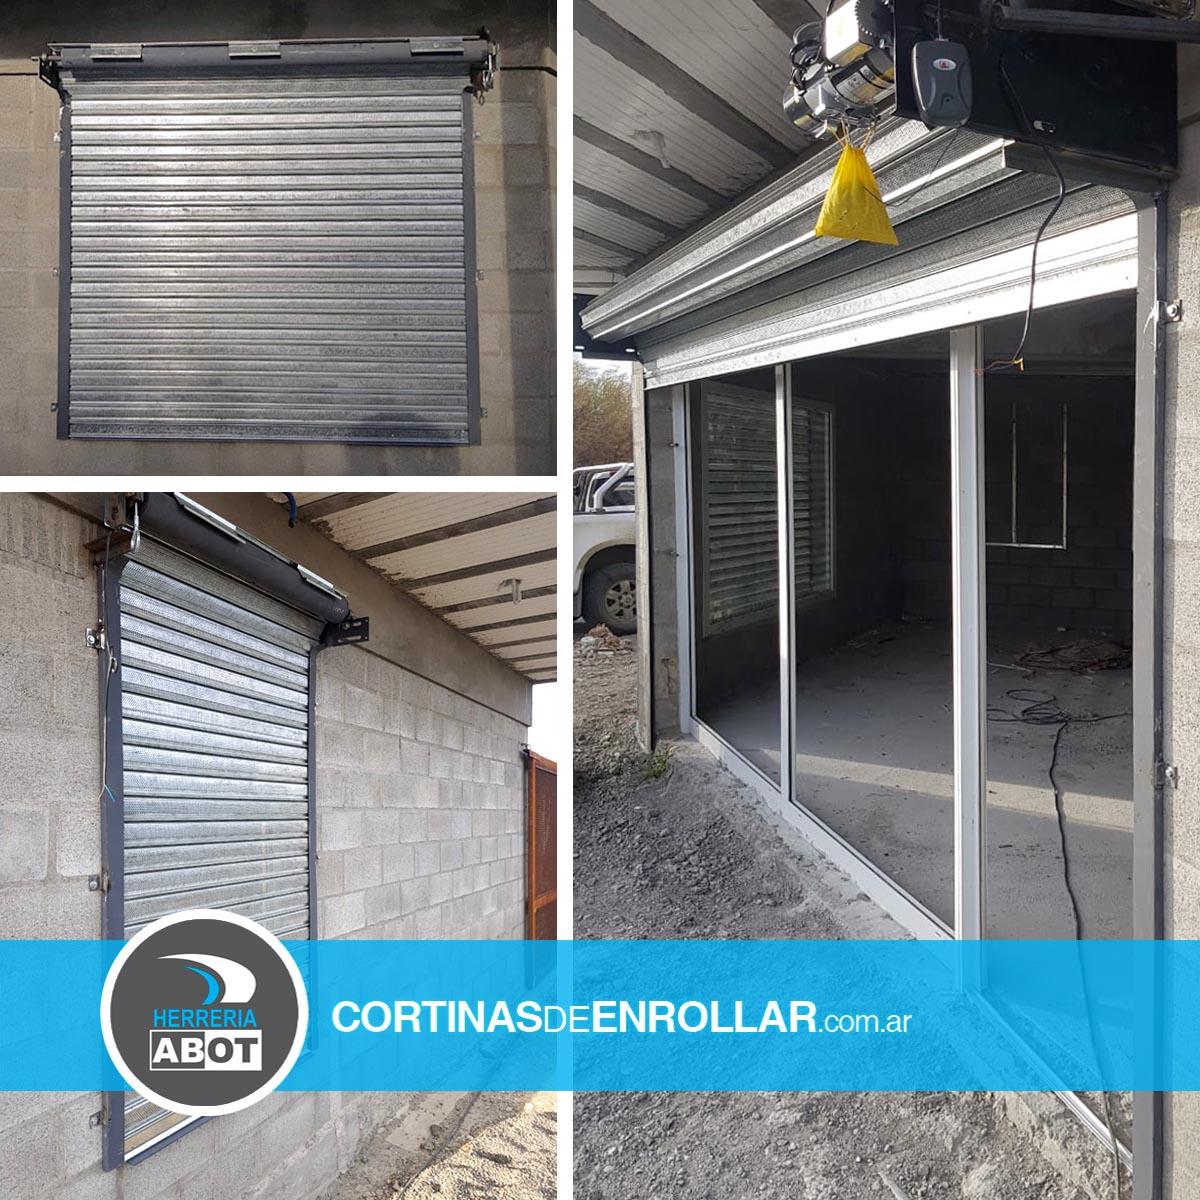 Cortinas de Enrollar Galvanizadas Microperforadas para el hogar (Comodoro Rivadavia, Chubut)